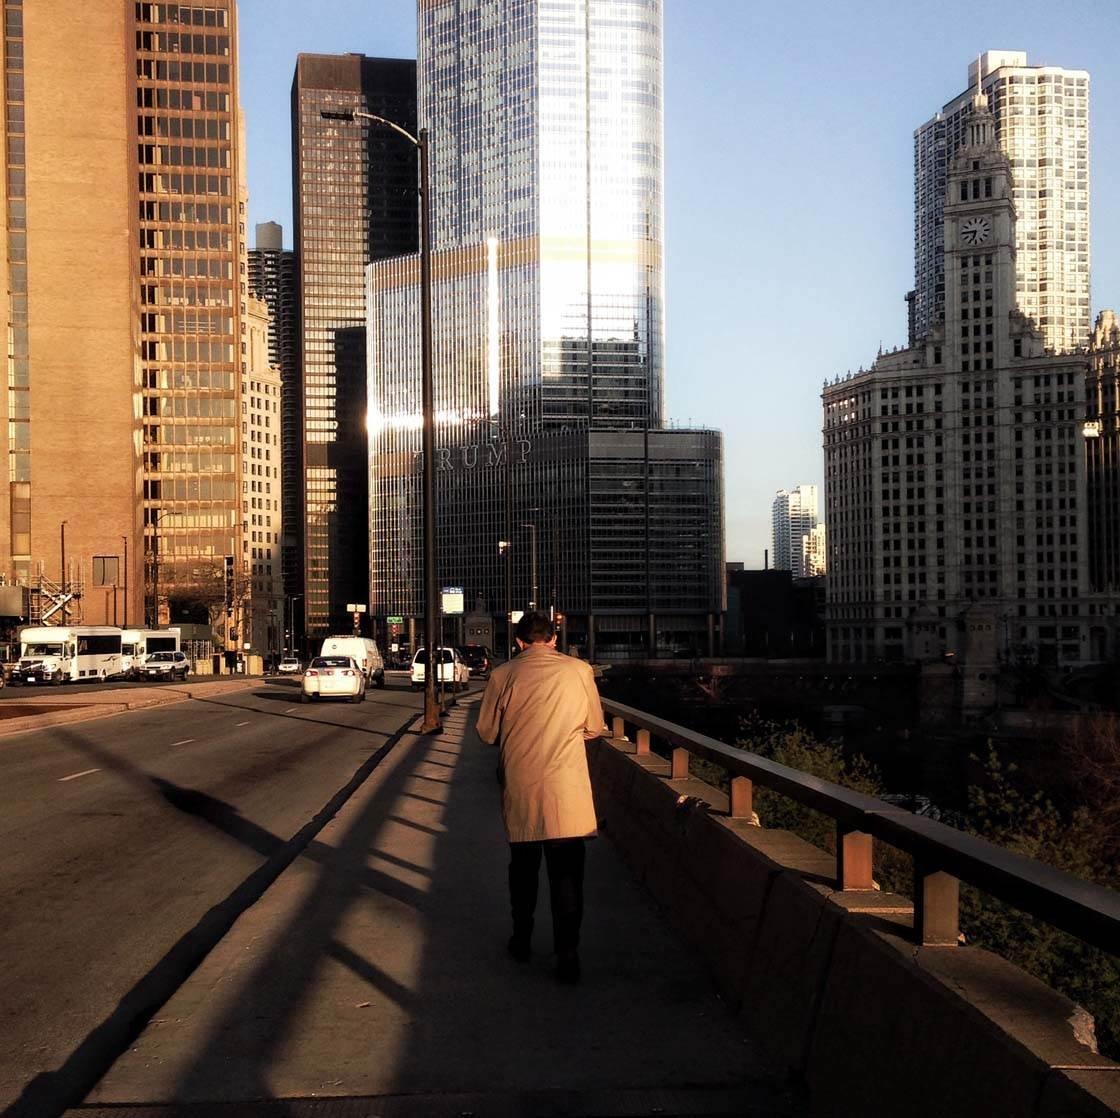 Busy City iPhone Photos 6 no script